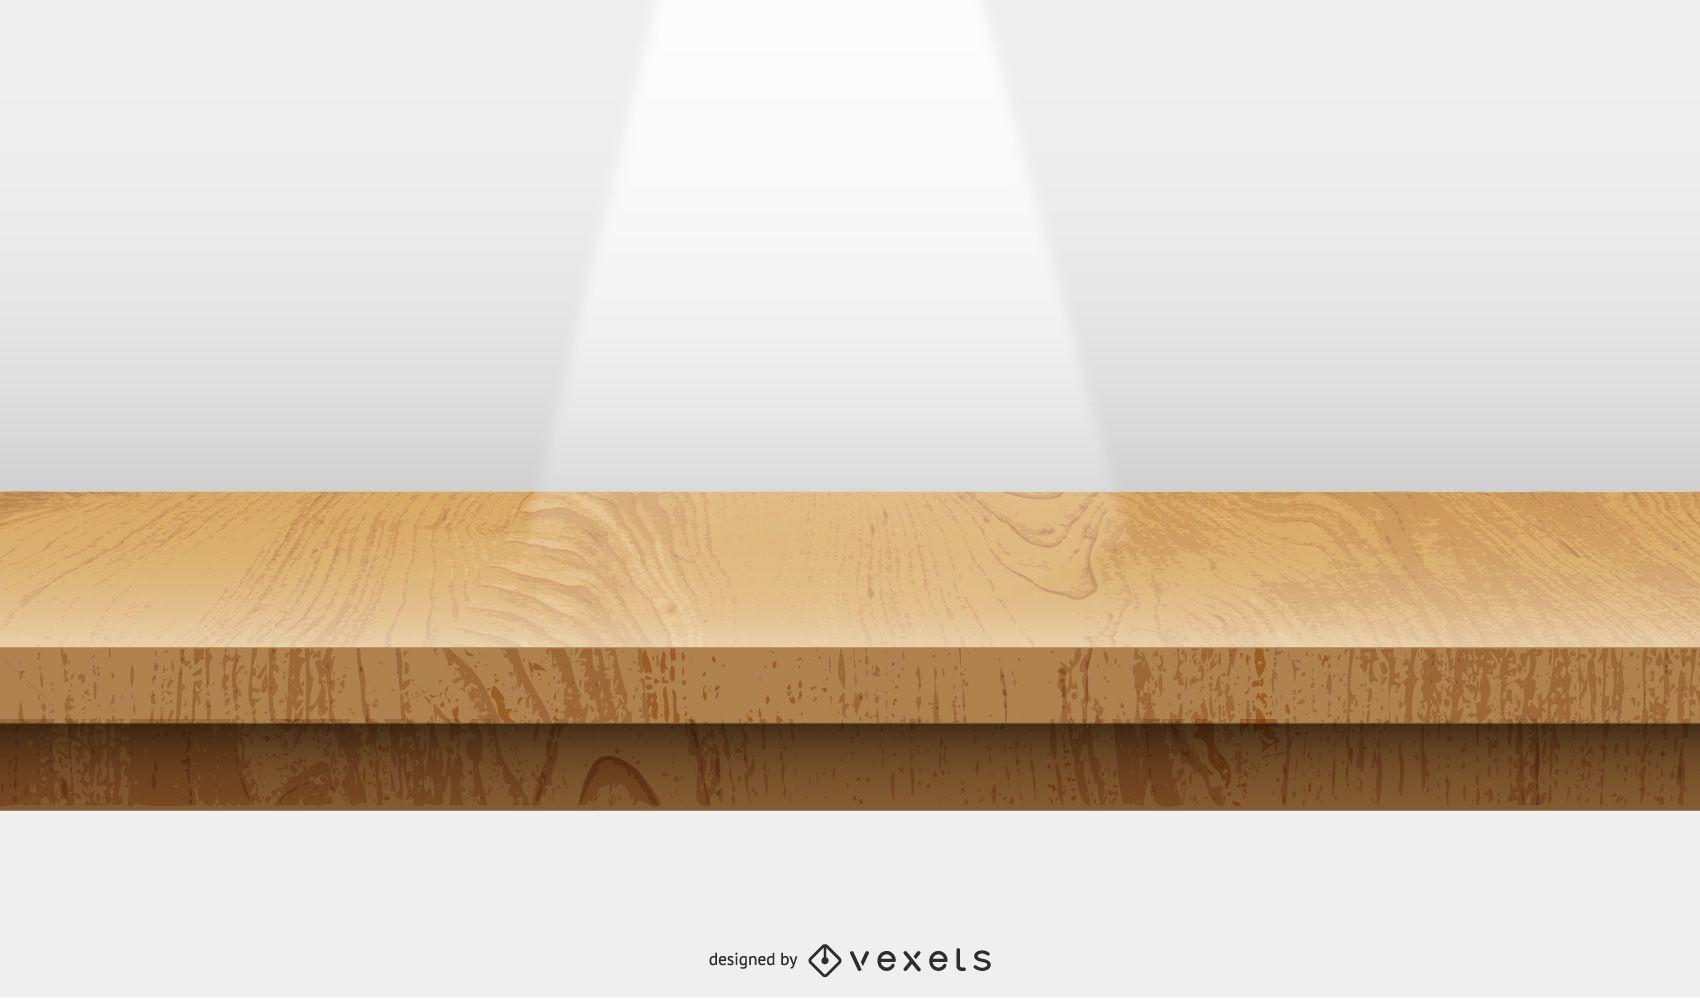 diseño de ilustración de escenario de madera